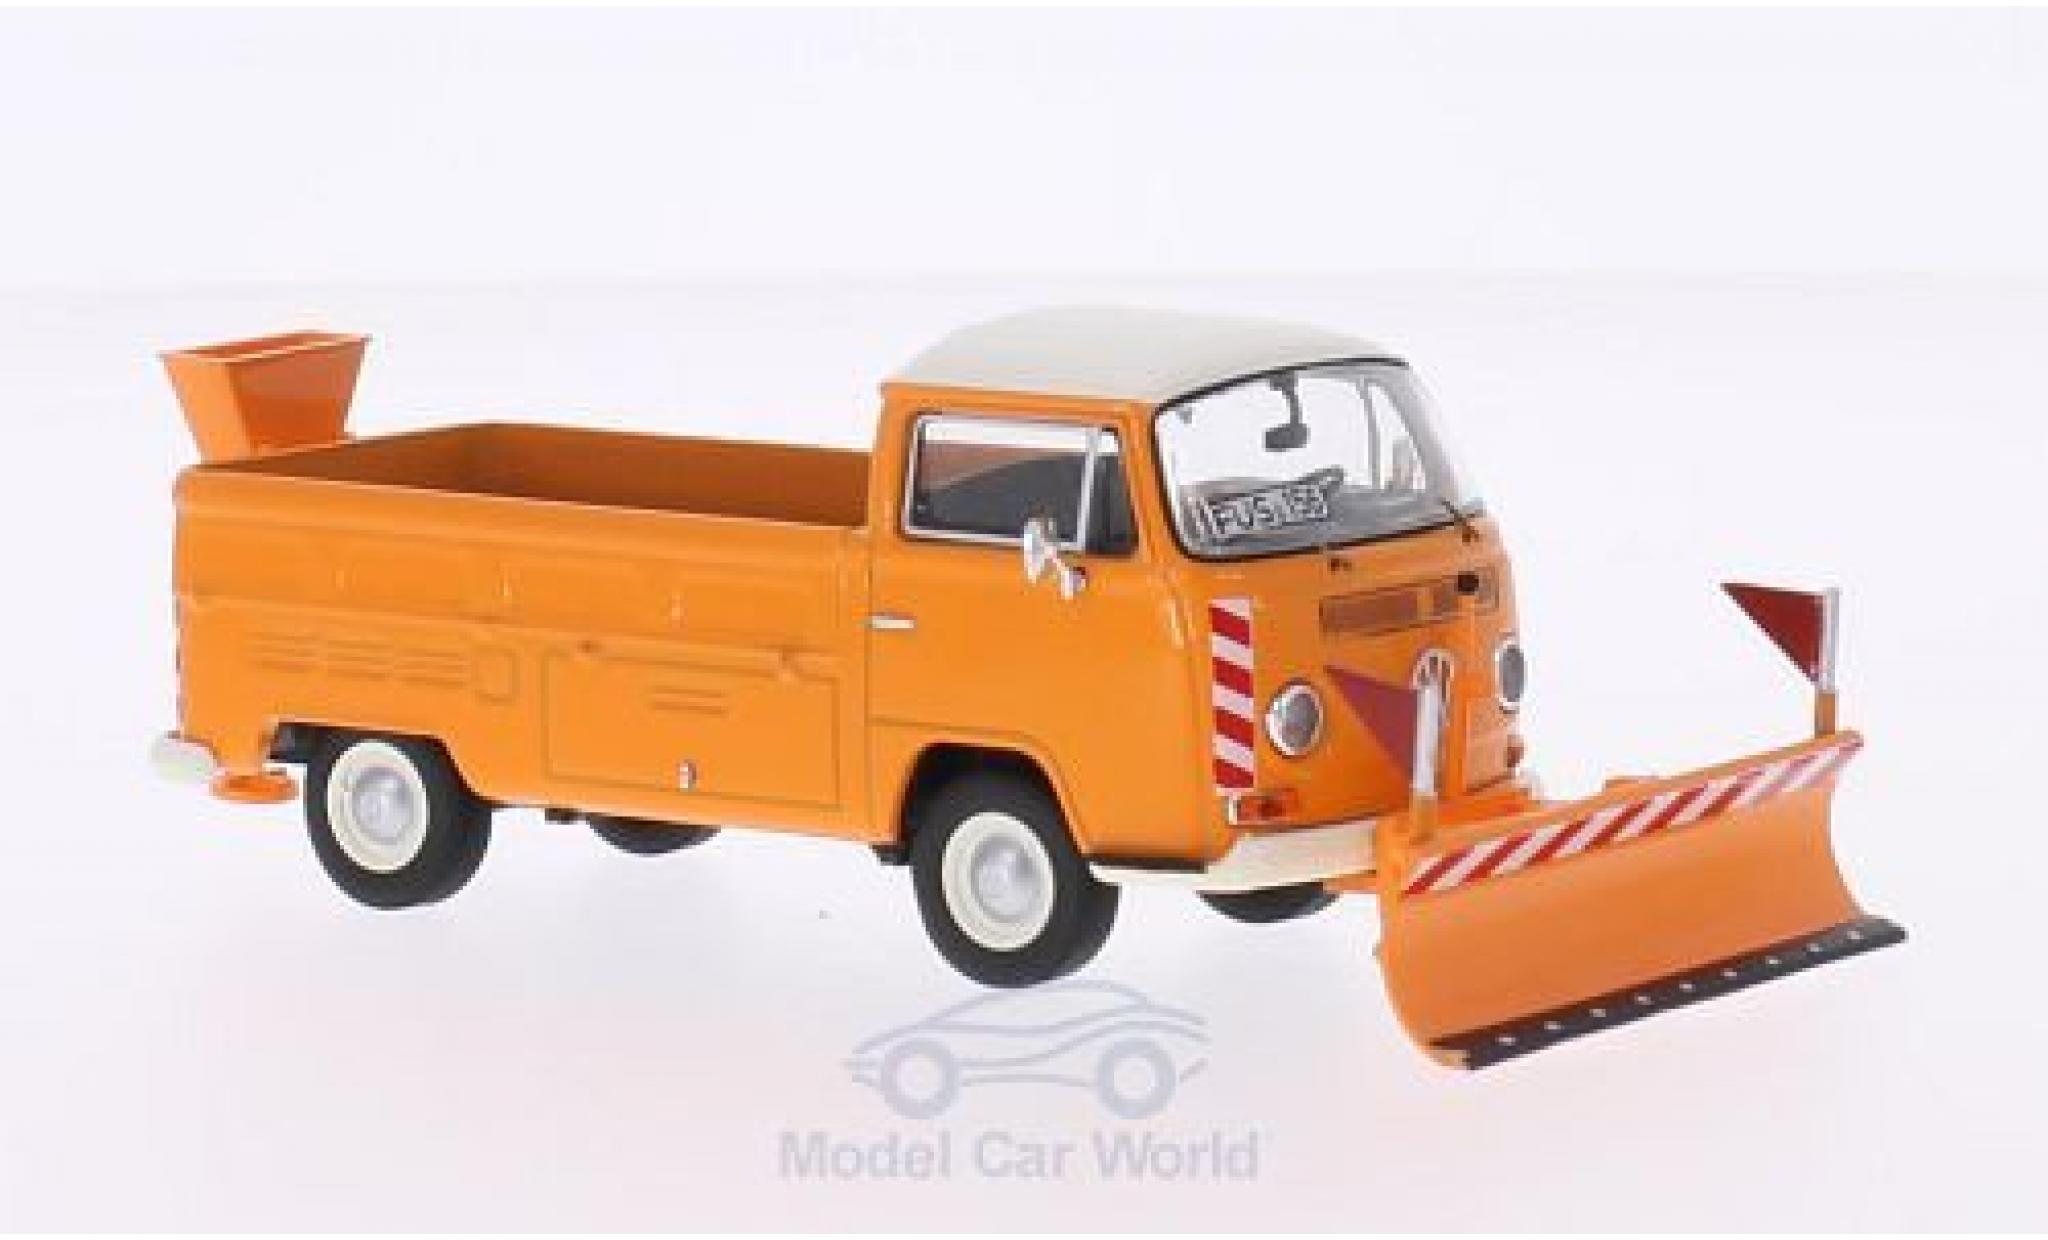 Volkswagen T2 A 1/43 Premium ClassiXXs a Pritsche orange/blanche Winterdienst mit Räumschild und Salzstreuer